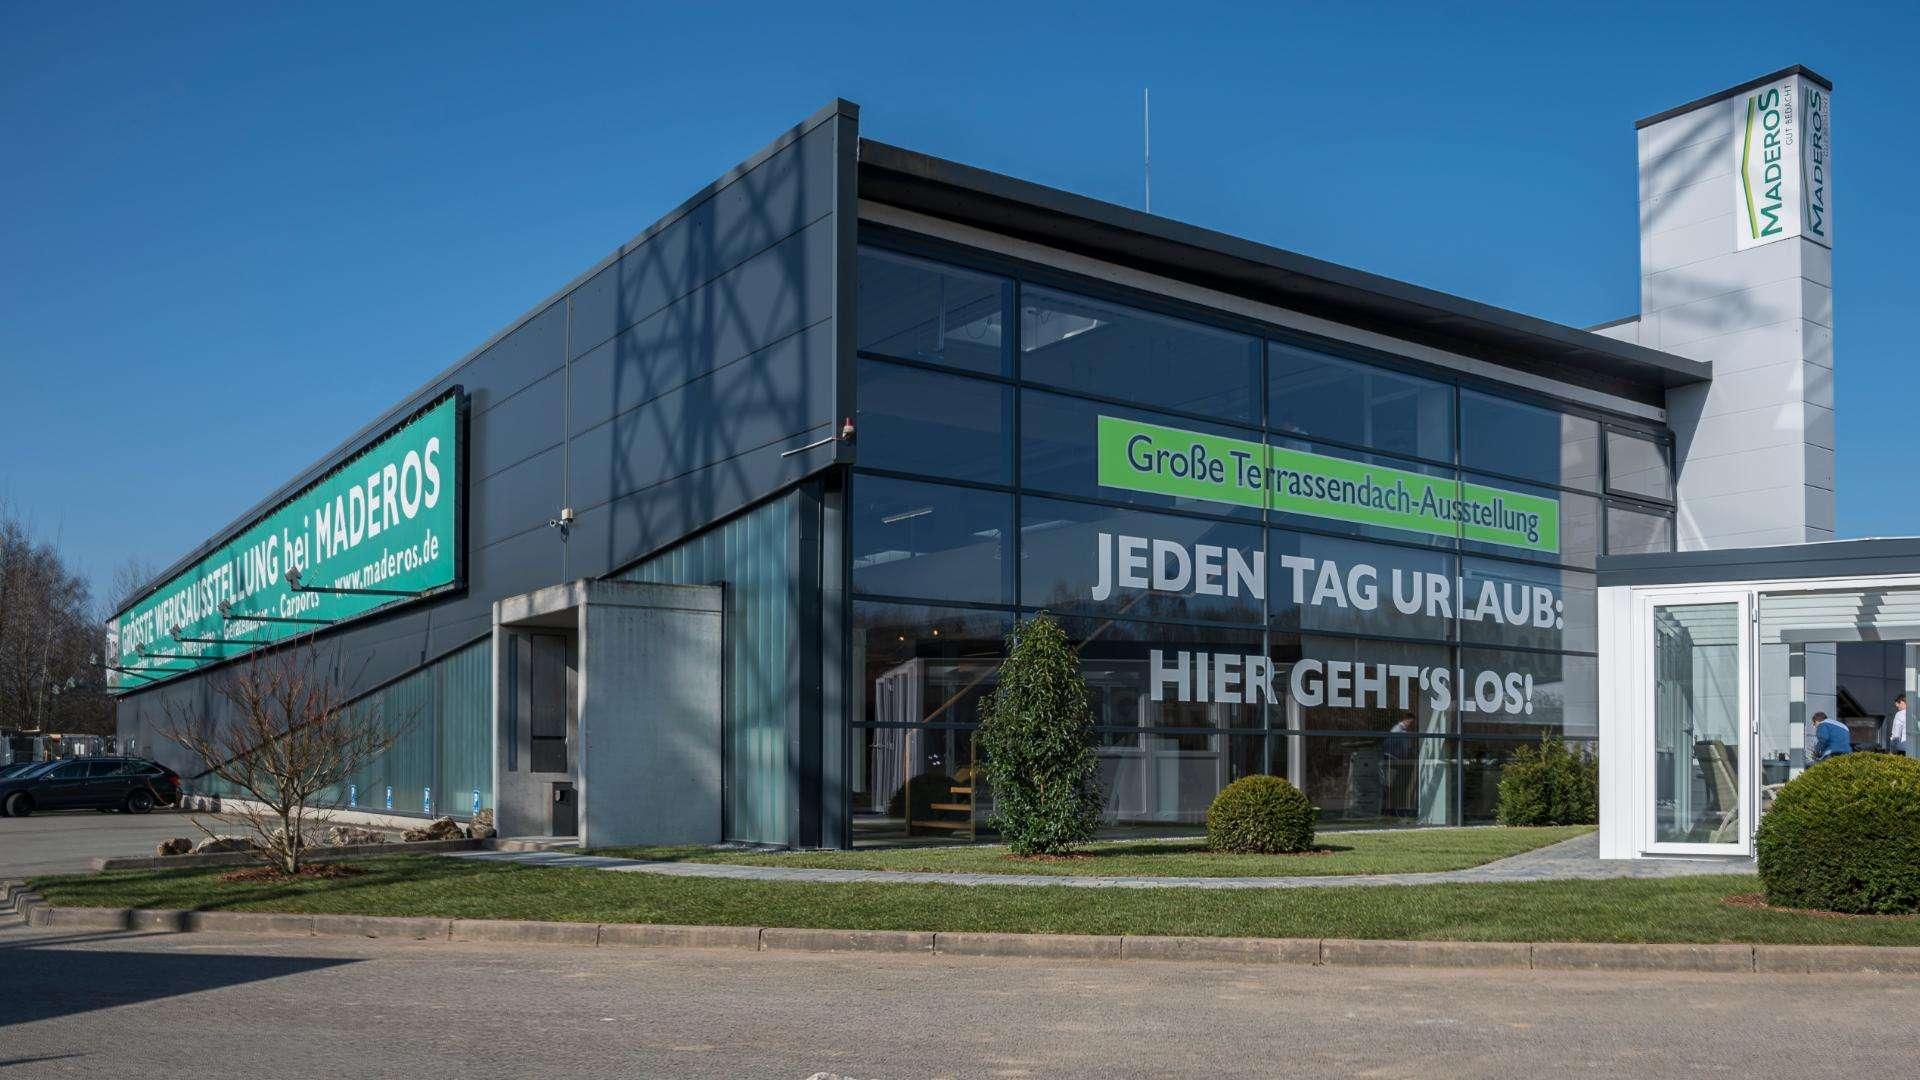 Außenansicht der Ausstellung von Maderos in Rosengarten/Nenndorf